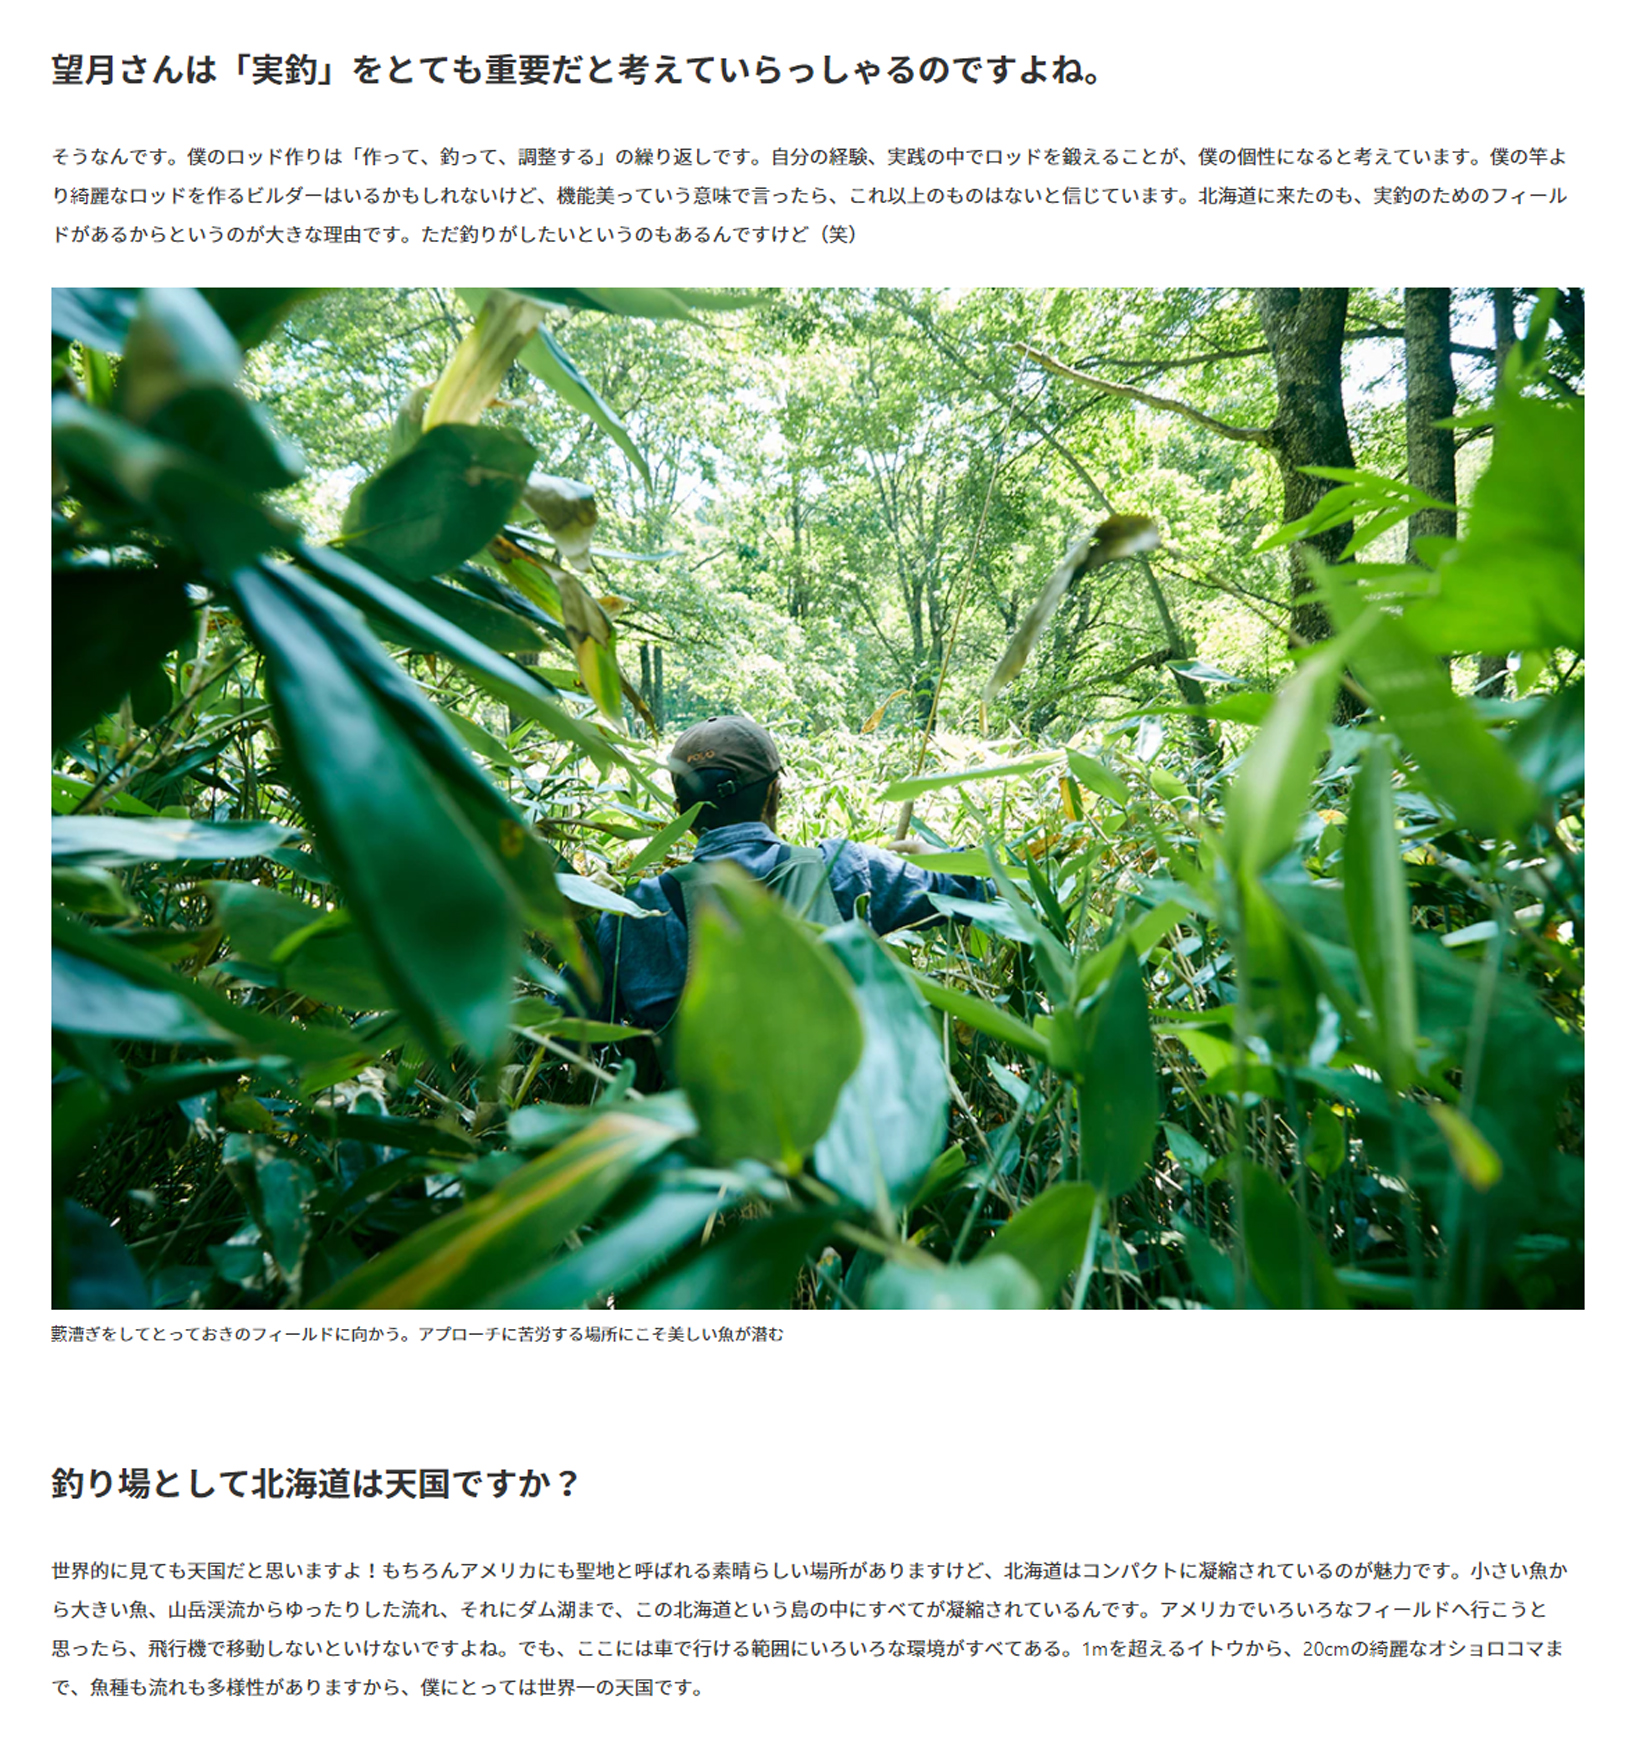 【技に触れる旅】至高のバンブーロッドを求めてトラウト王国・北海道へ行く15